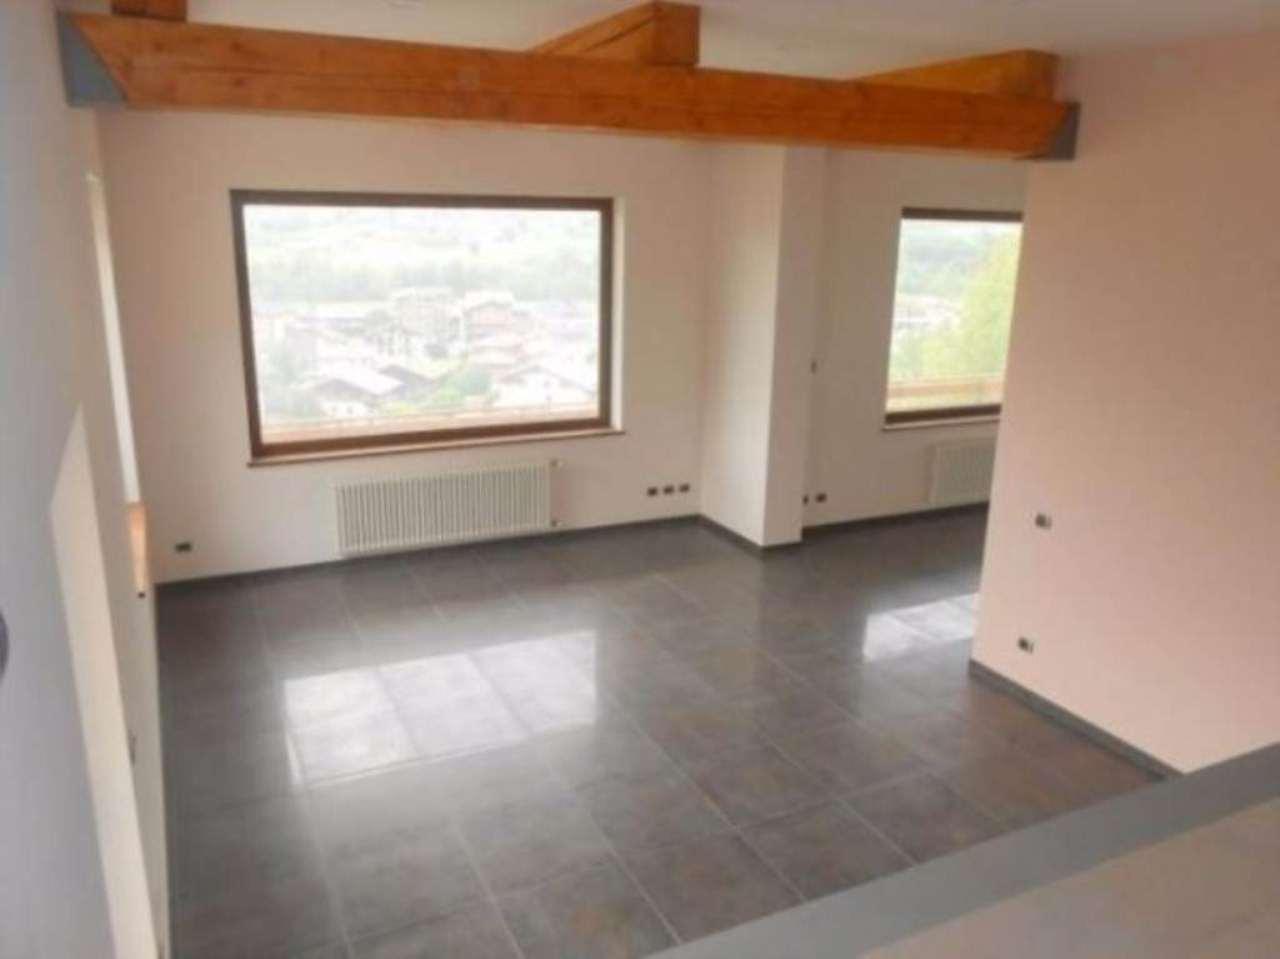 Villa in vendita a Sarre, 6 locali, Trattative riservate | Cambio Casa.it